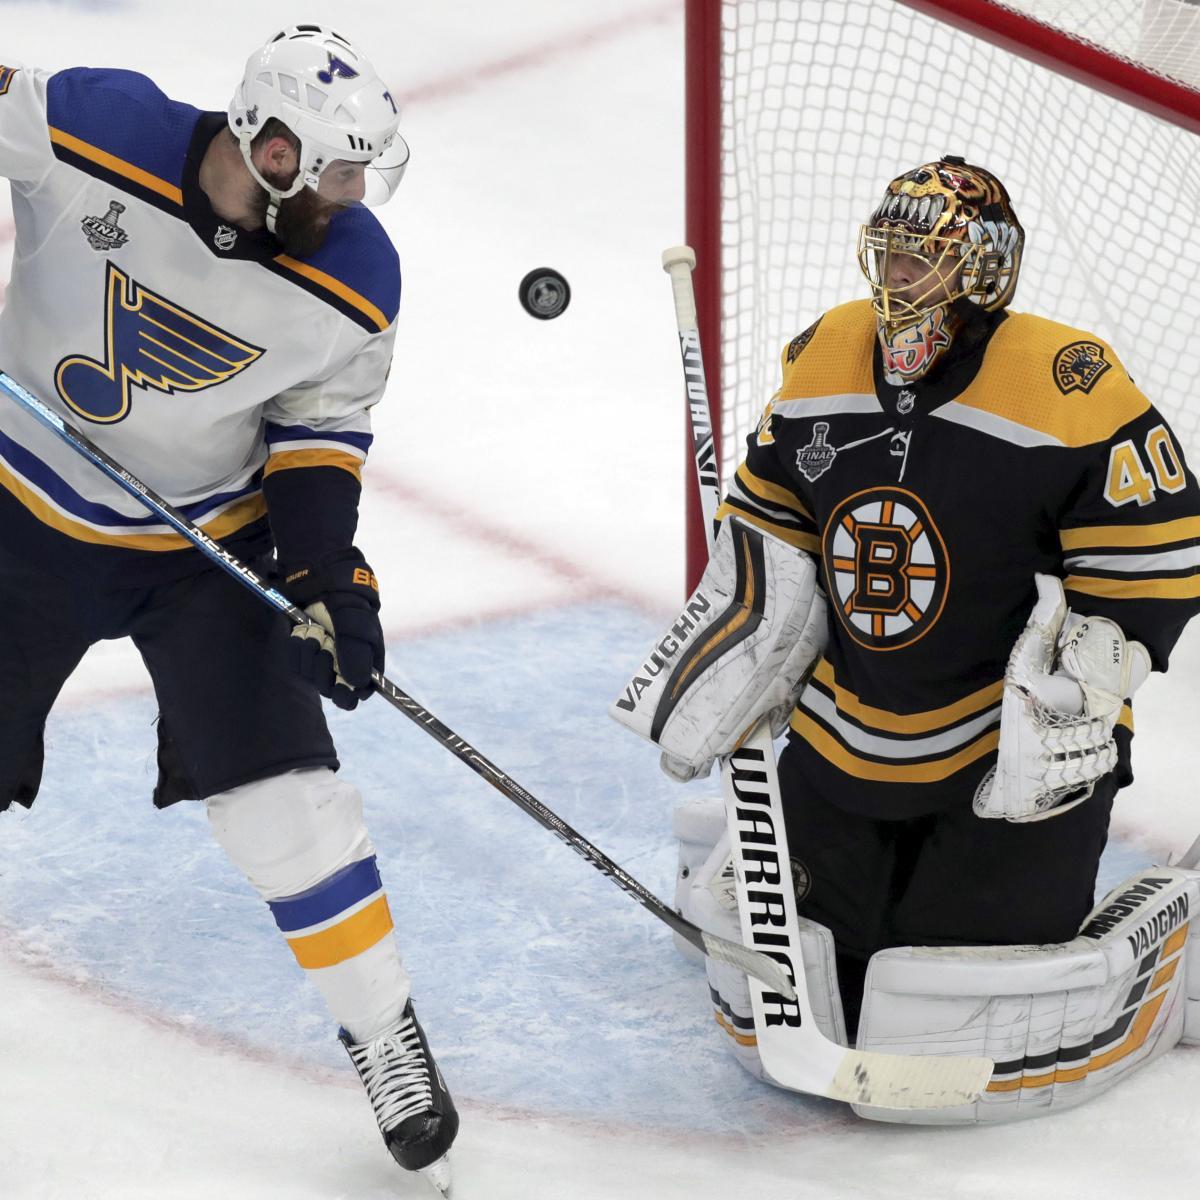 Blues Vs. Bruins: Game 5 Odds, Live Stream, TV Schedule